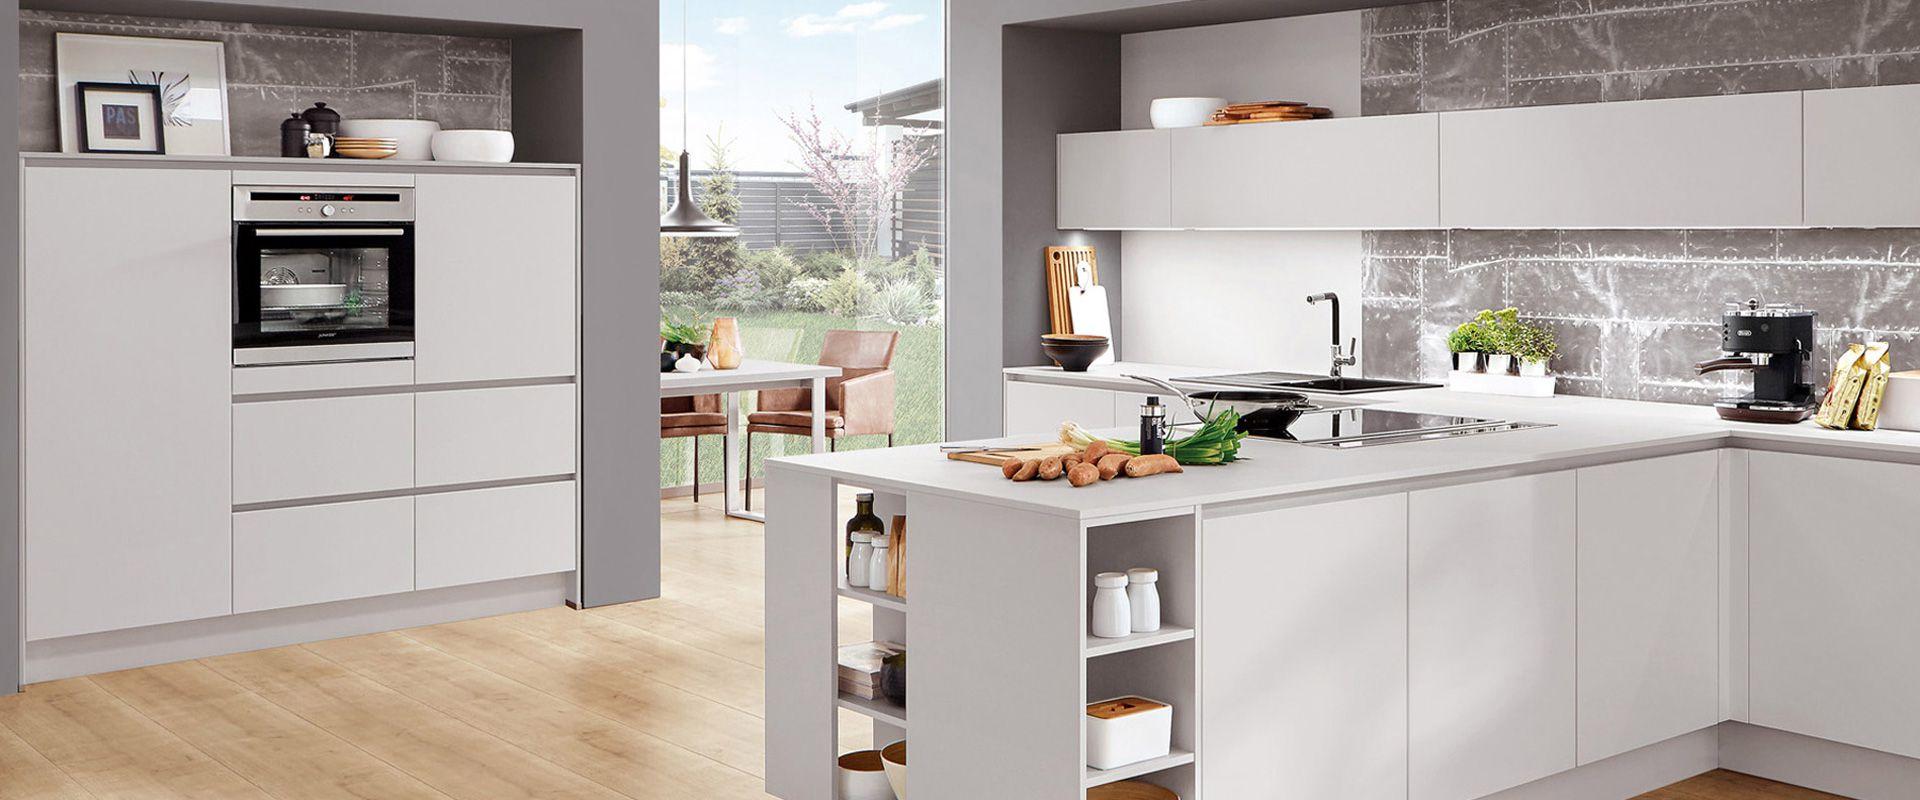 Full Size of Kchenfachhndler Katzhtte Oelze Kchen Ehle Küchen Regal Wohnzimmer Küchen